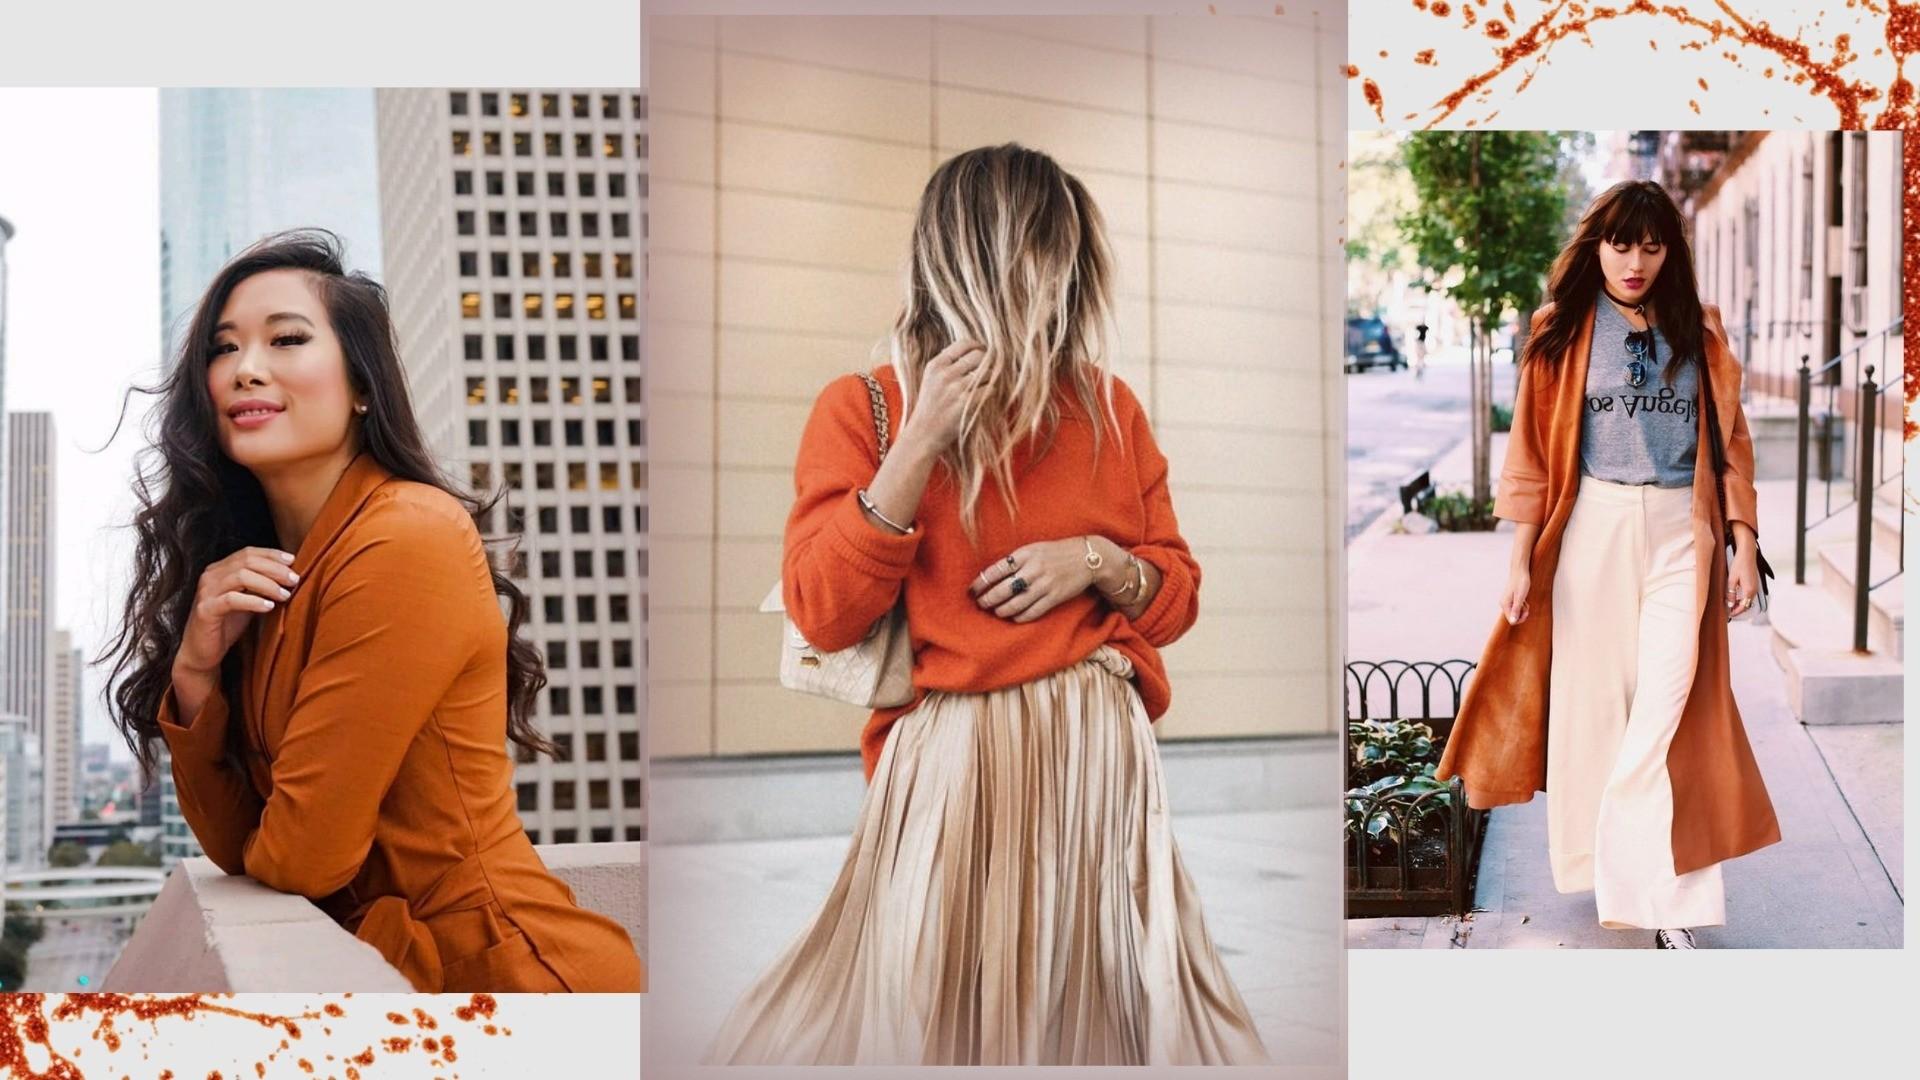 «Выгоревший оранжевый»: как носить один из самых модных цветов 2019 года